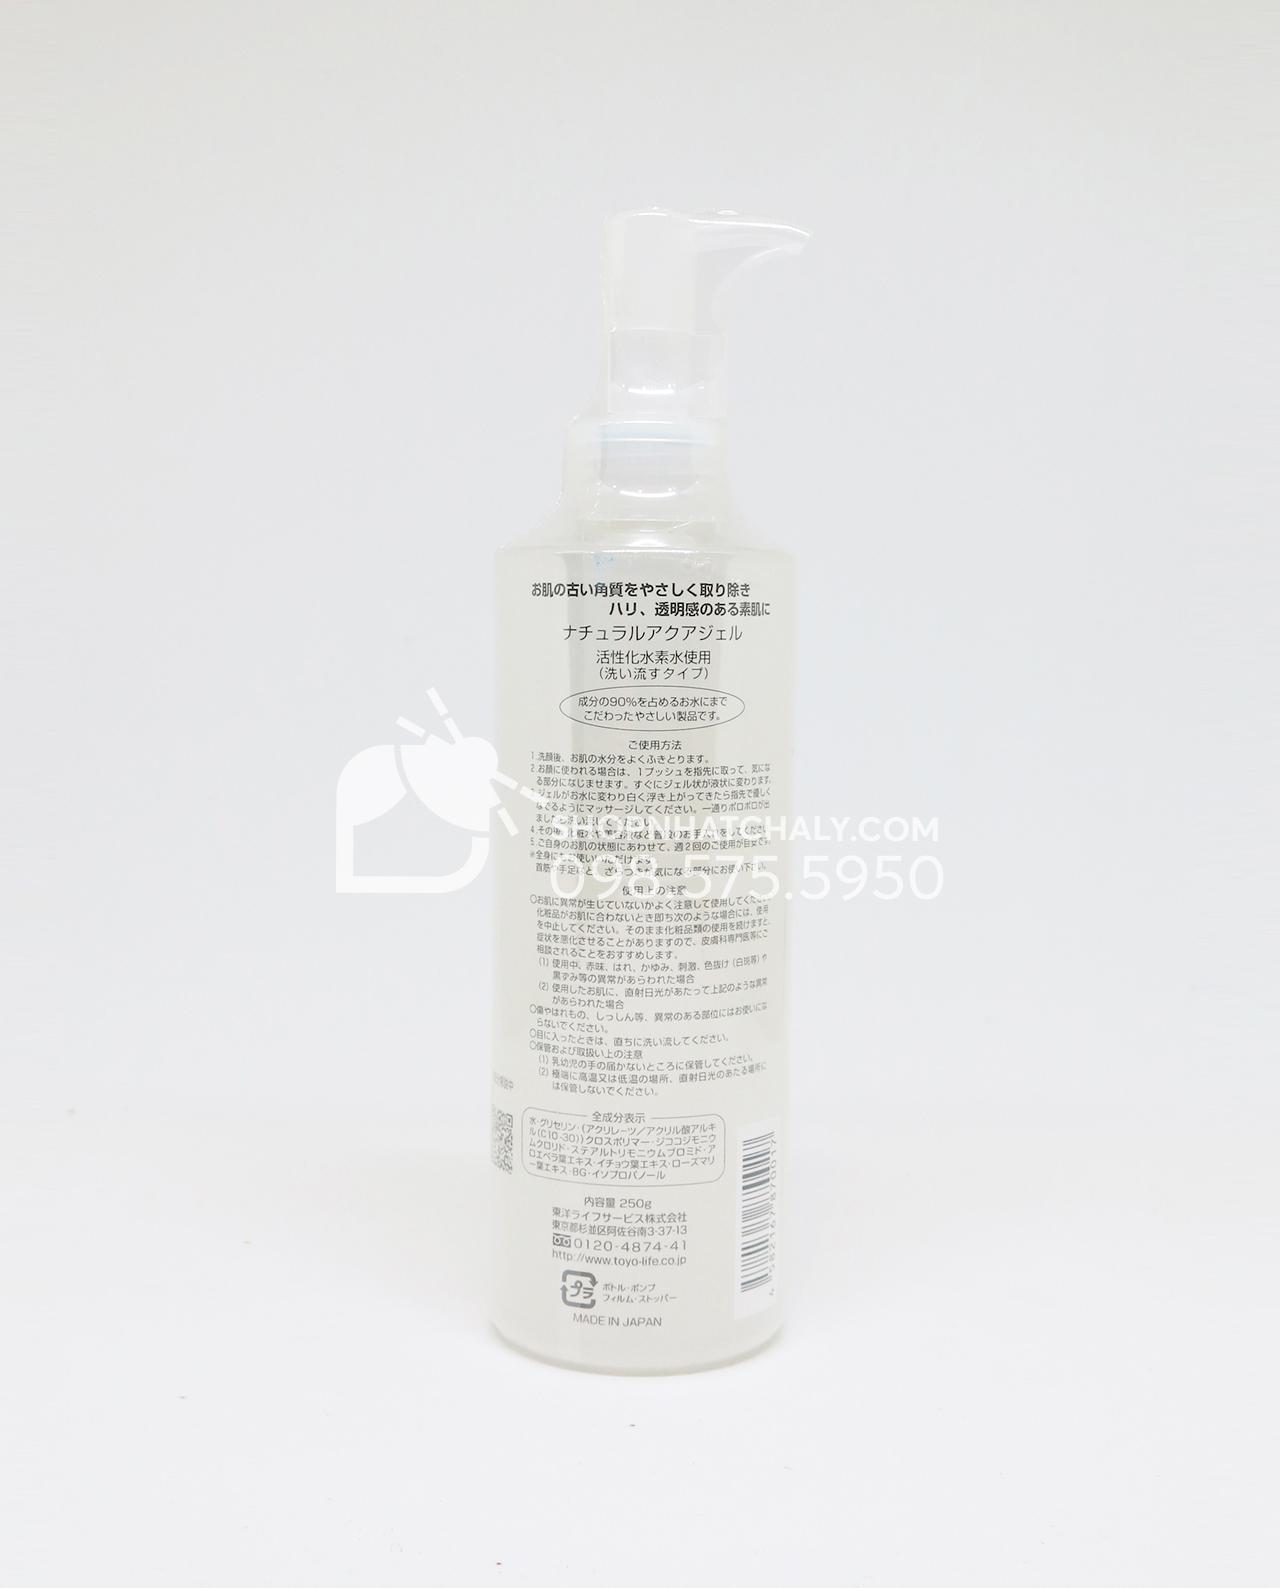 Tẩy da chết Cure Natural Aqua của Nhậtthông tin sản phẩm sau mỗi chai